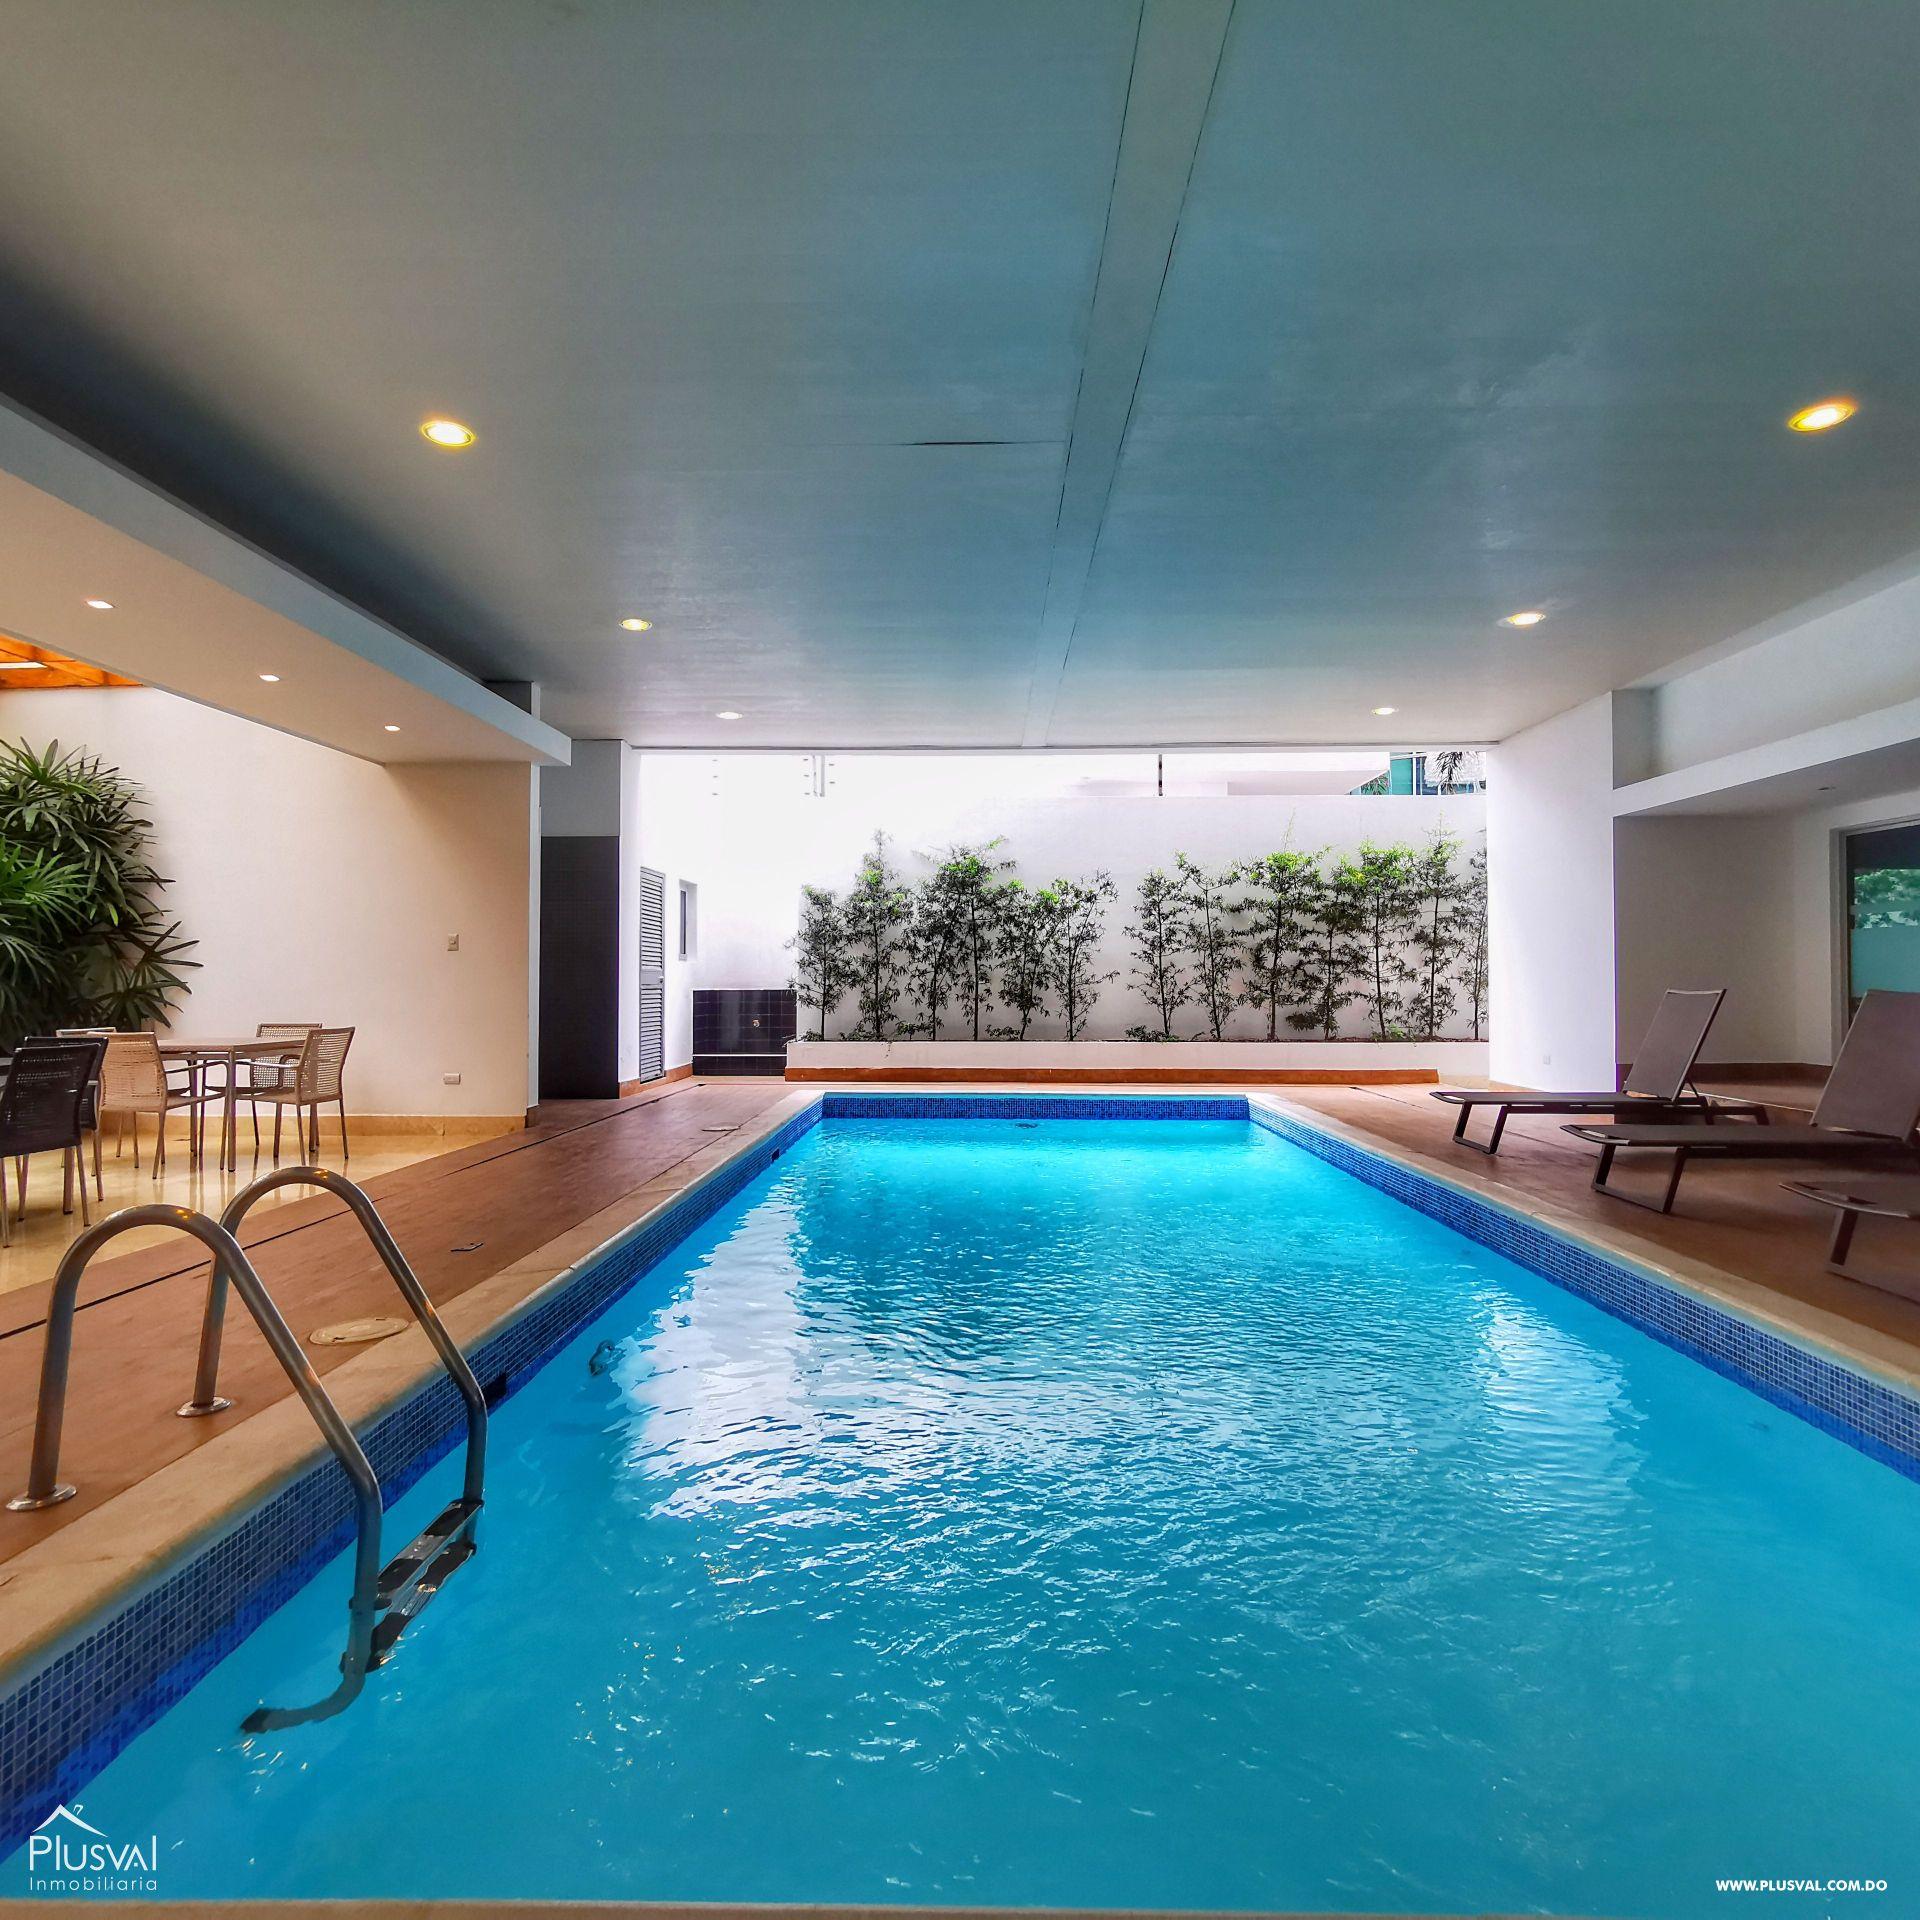 Alquiler Apartamento de Lujo en Piantini con Línea Blanca- 245 mts2 con Lobby, Piscina, Gym, spa